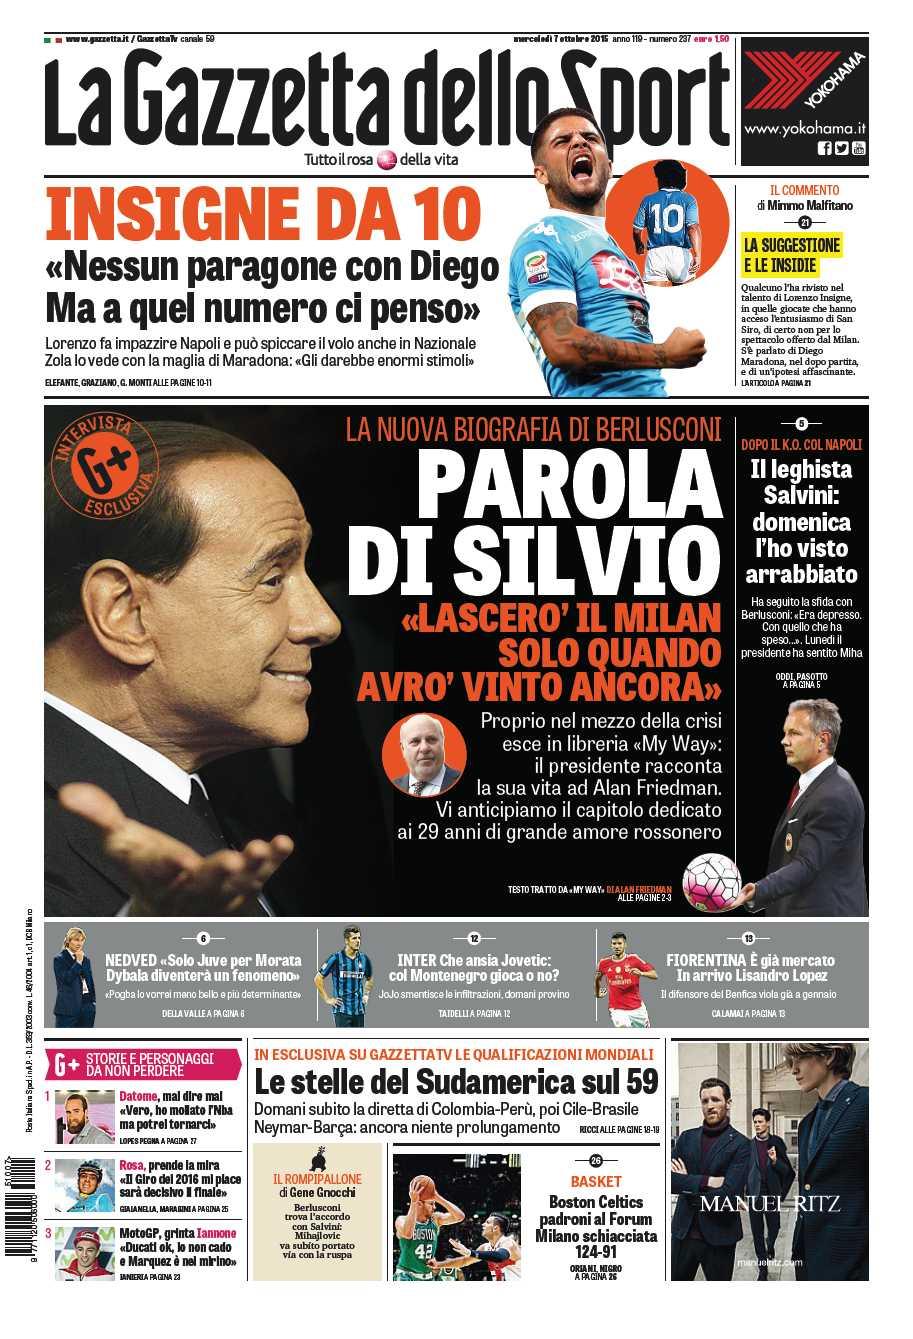 """La #primapagina di oggi: parla Berlusconi: """"Prima vinco, poi lascio il Milan"""" #Napoli Insigne da 10 come #Maradona http://t.co/8g8F2lPbY1"""